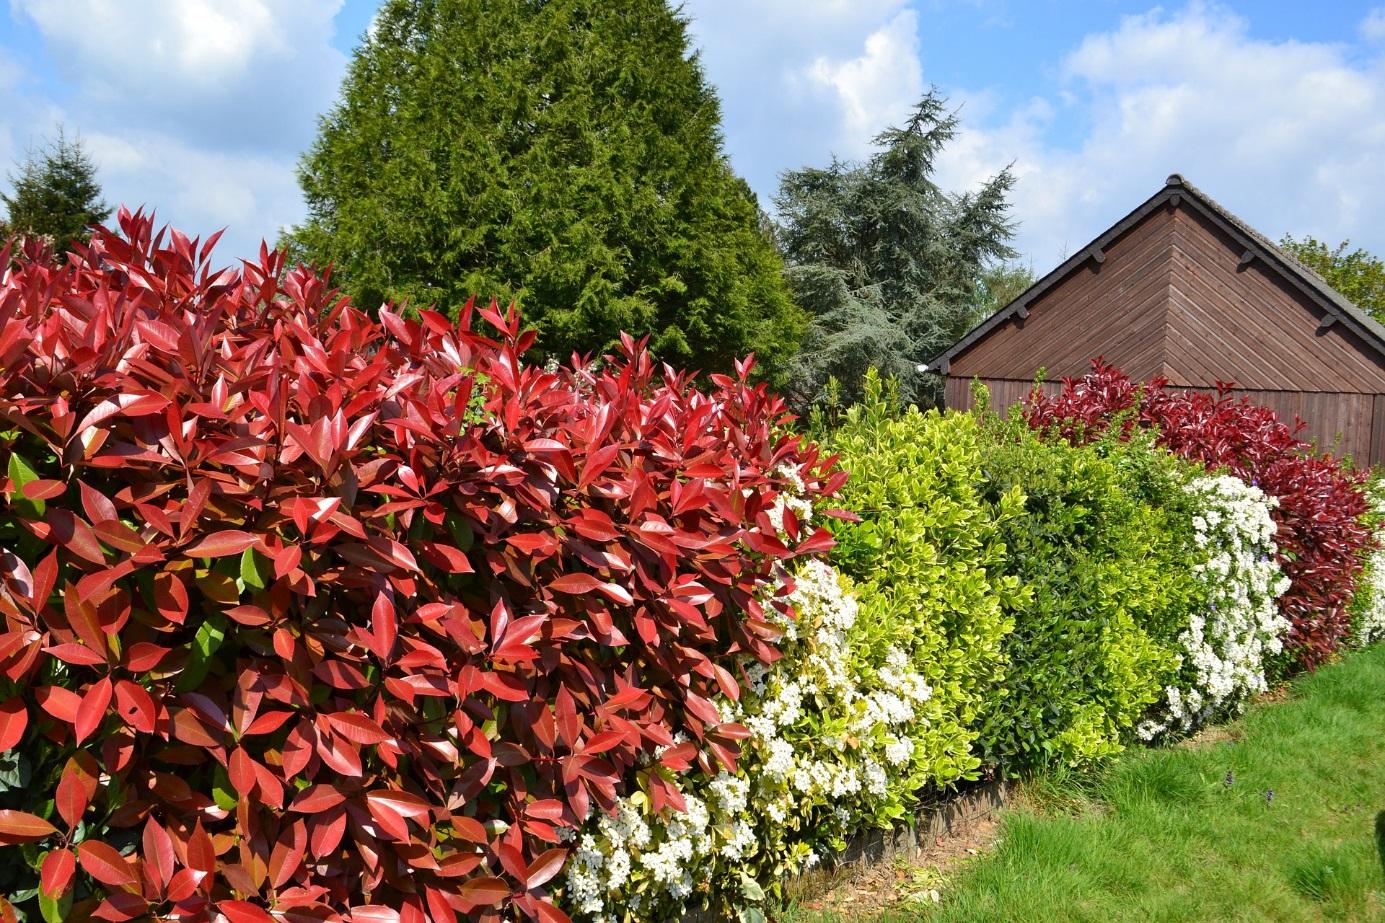 44 Façons De Se Cacher De Vos Voisins Au Jardin (Photos Et ... tout Cacher Vis A Vis Jardin Pas Cher